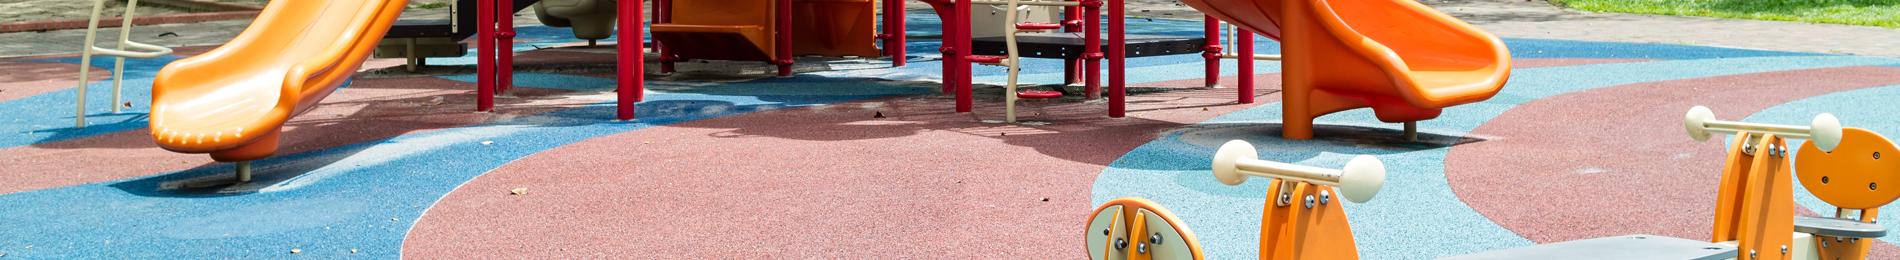 pavimentazione-antishock-parco-giochi